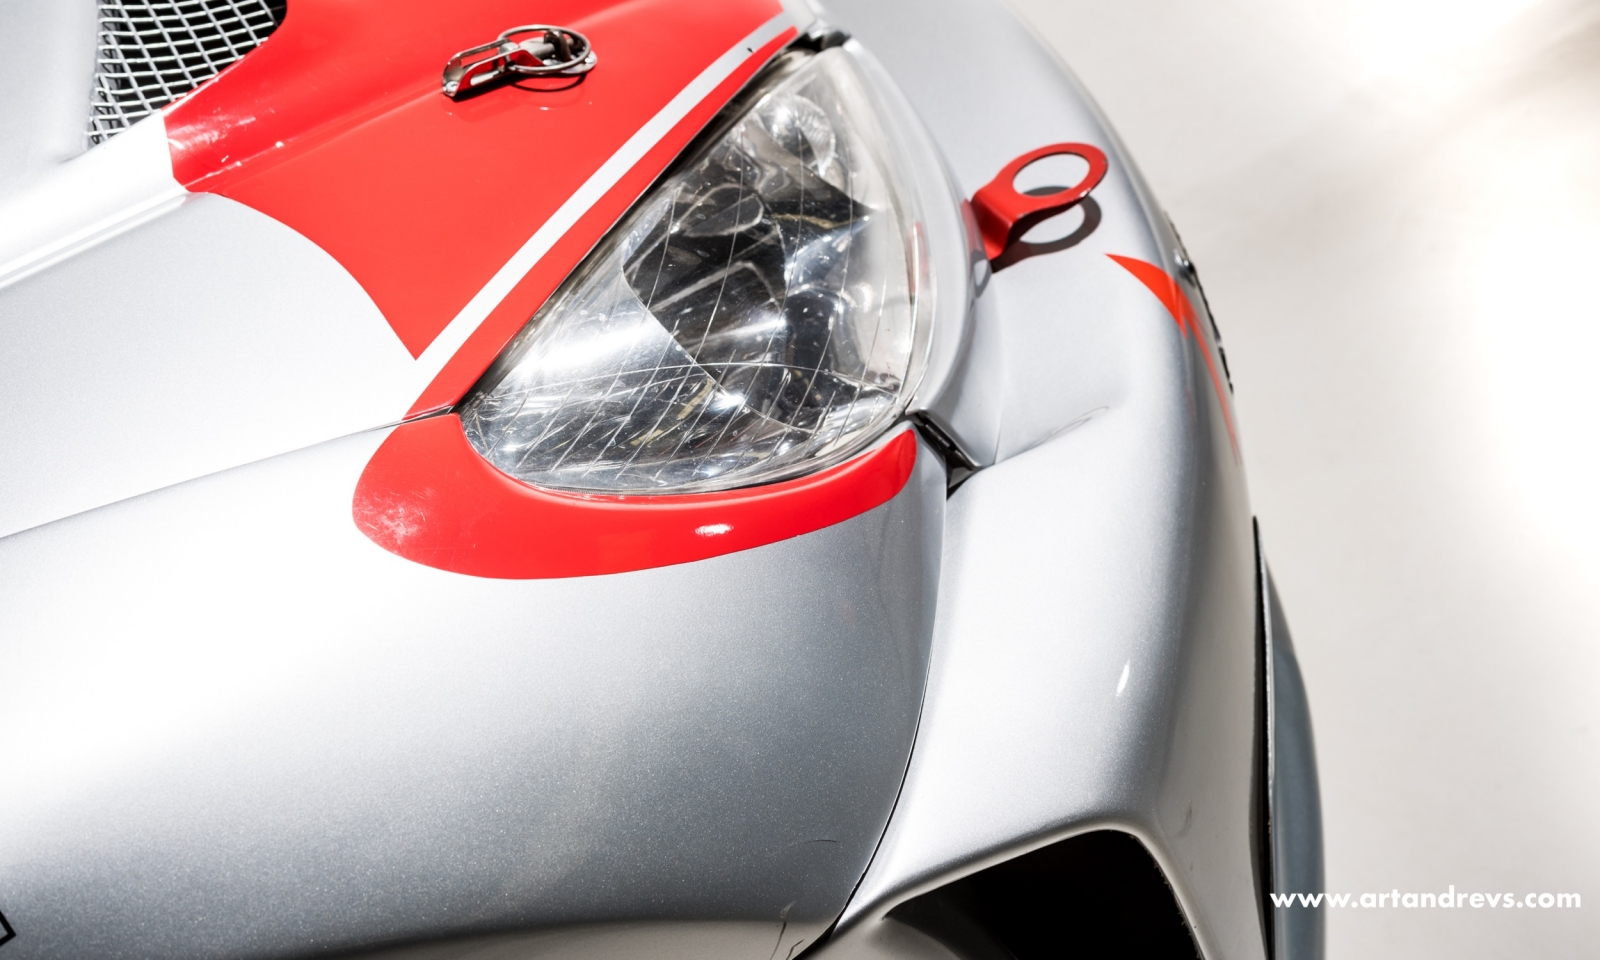 Peugeot 206 WRC Art & Revs